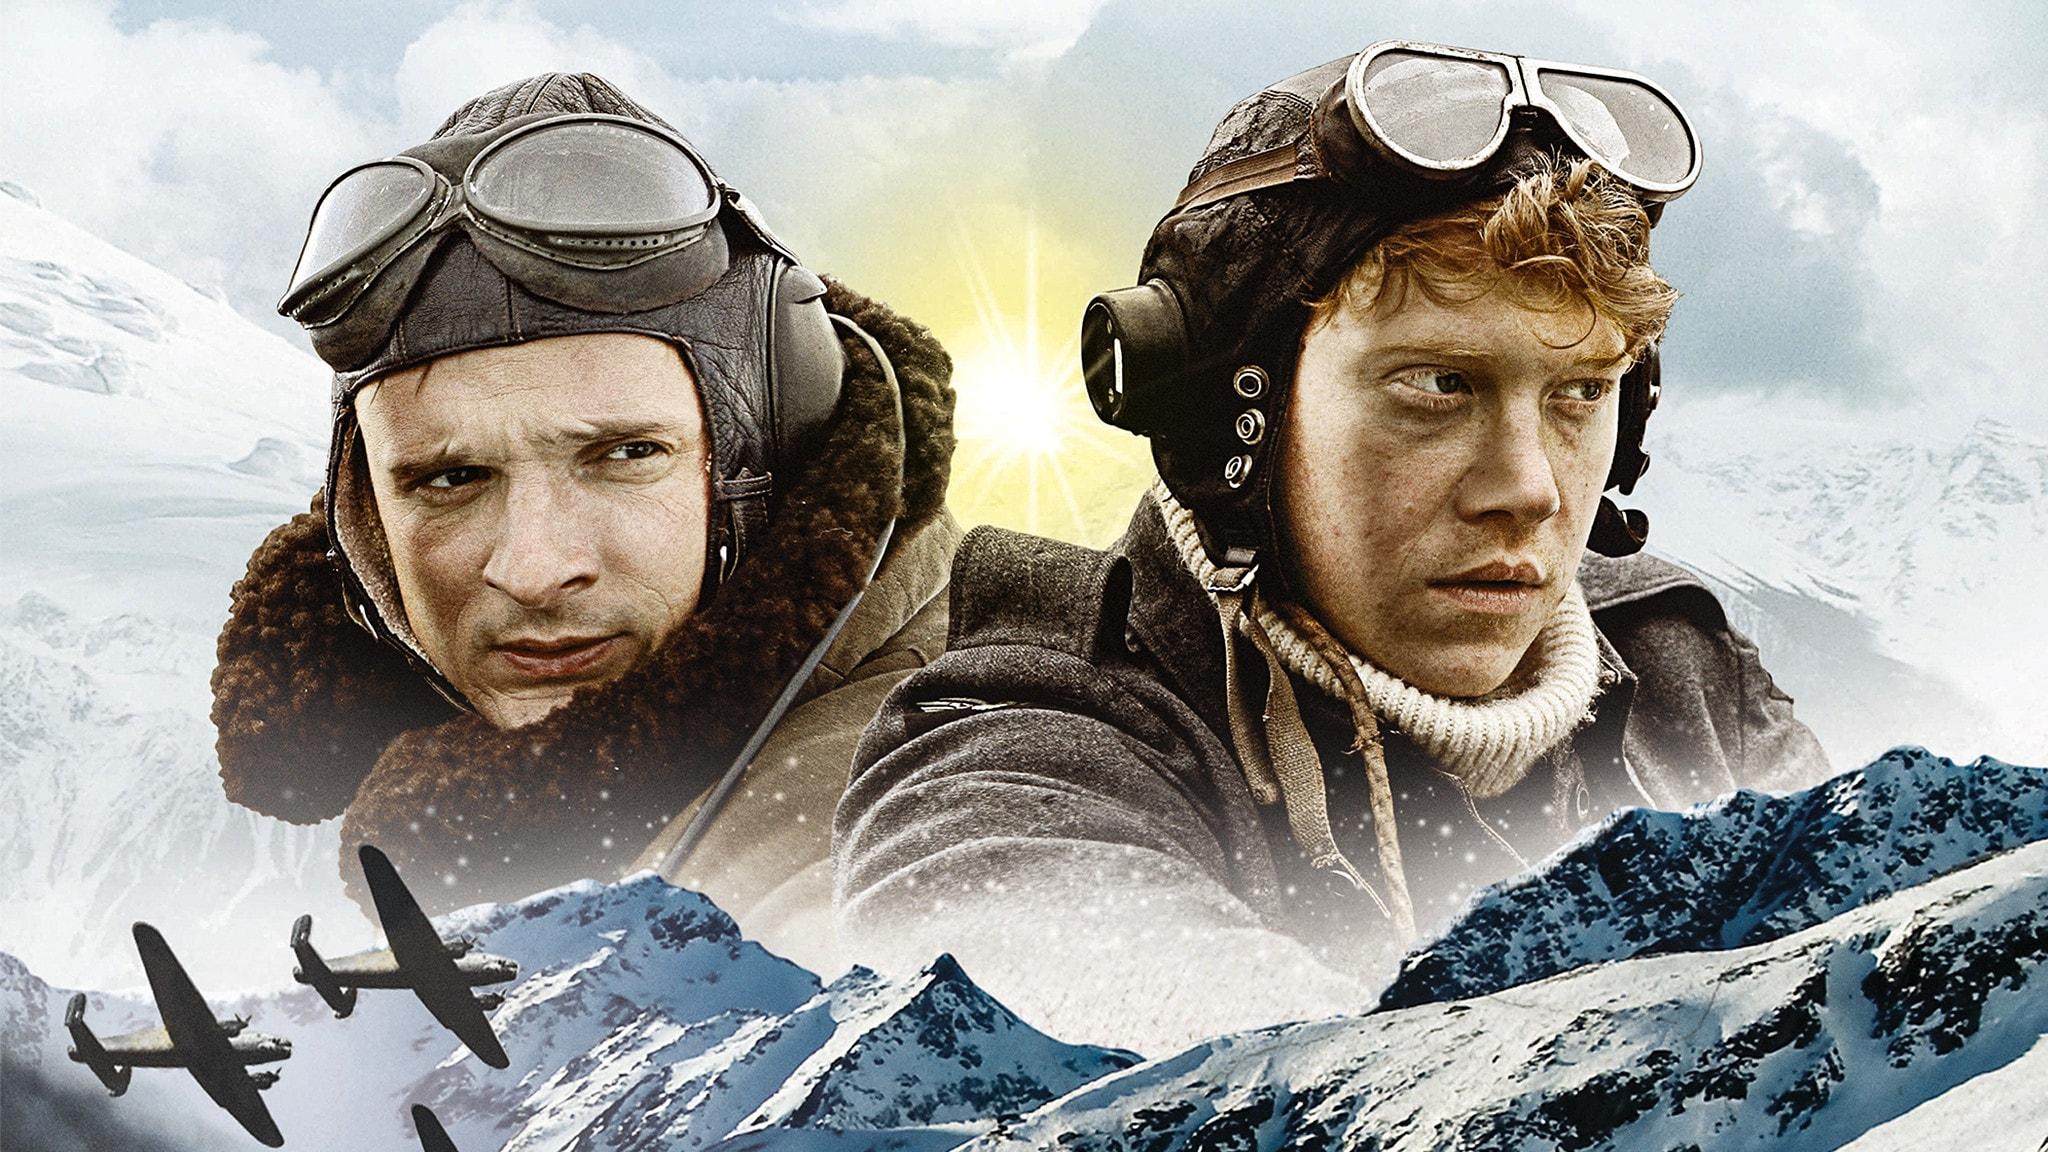 Rai Movie Prigionieri del ghiaccio